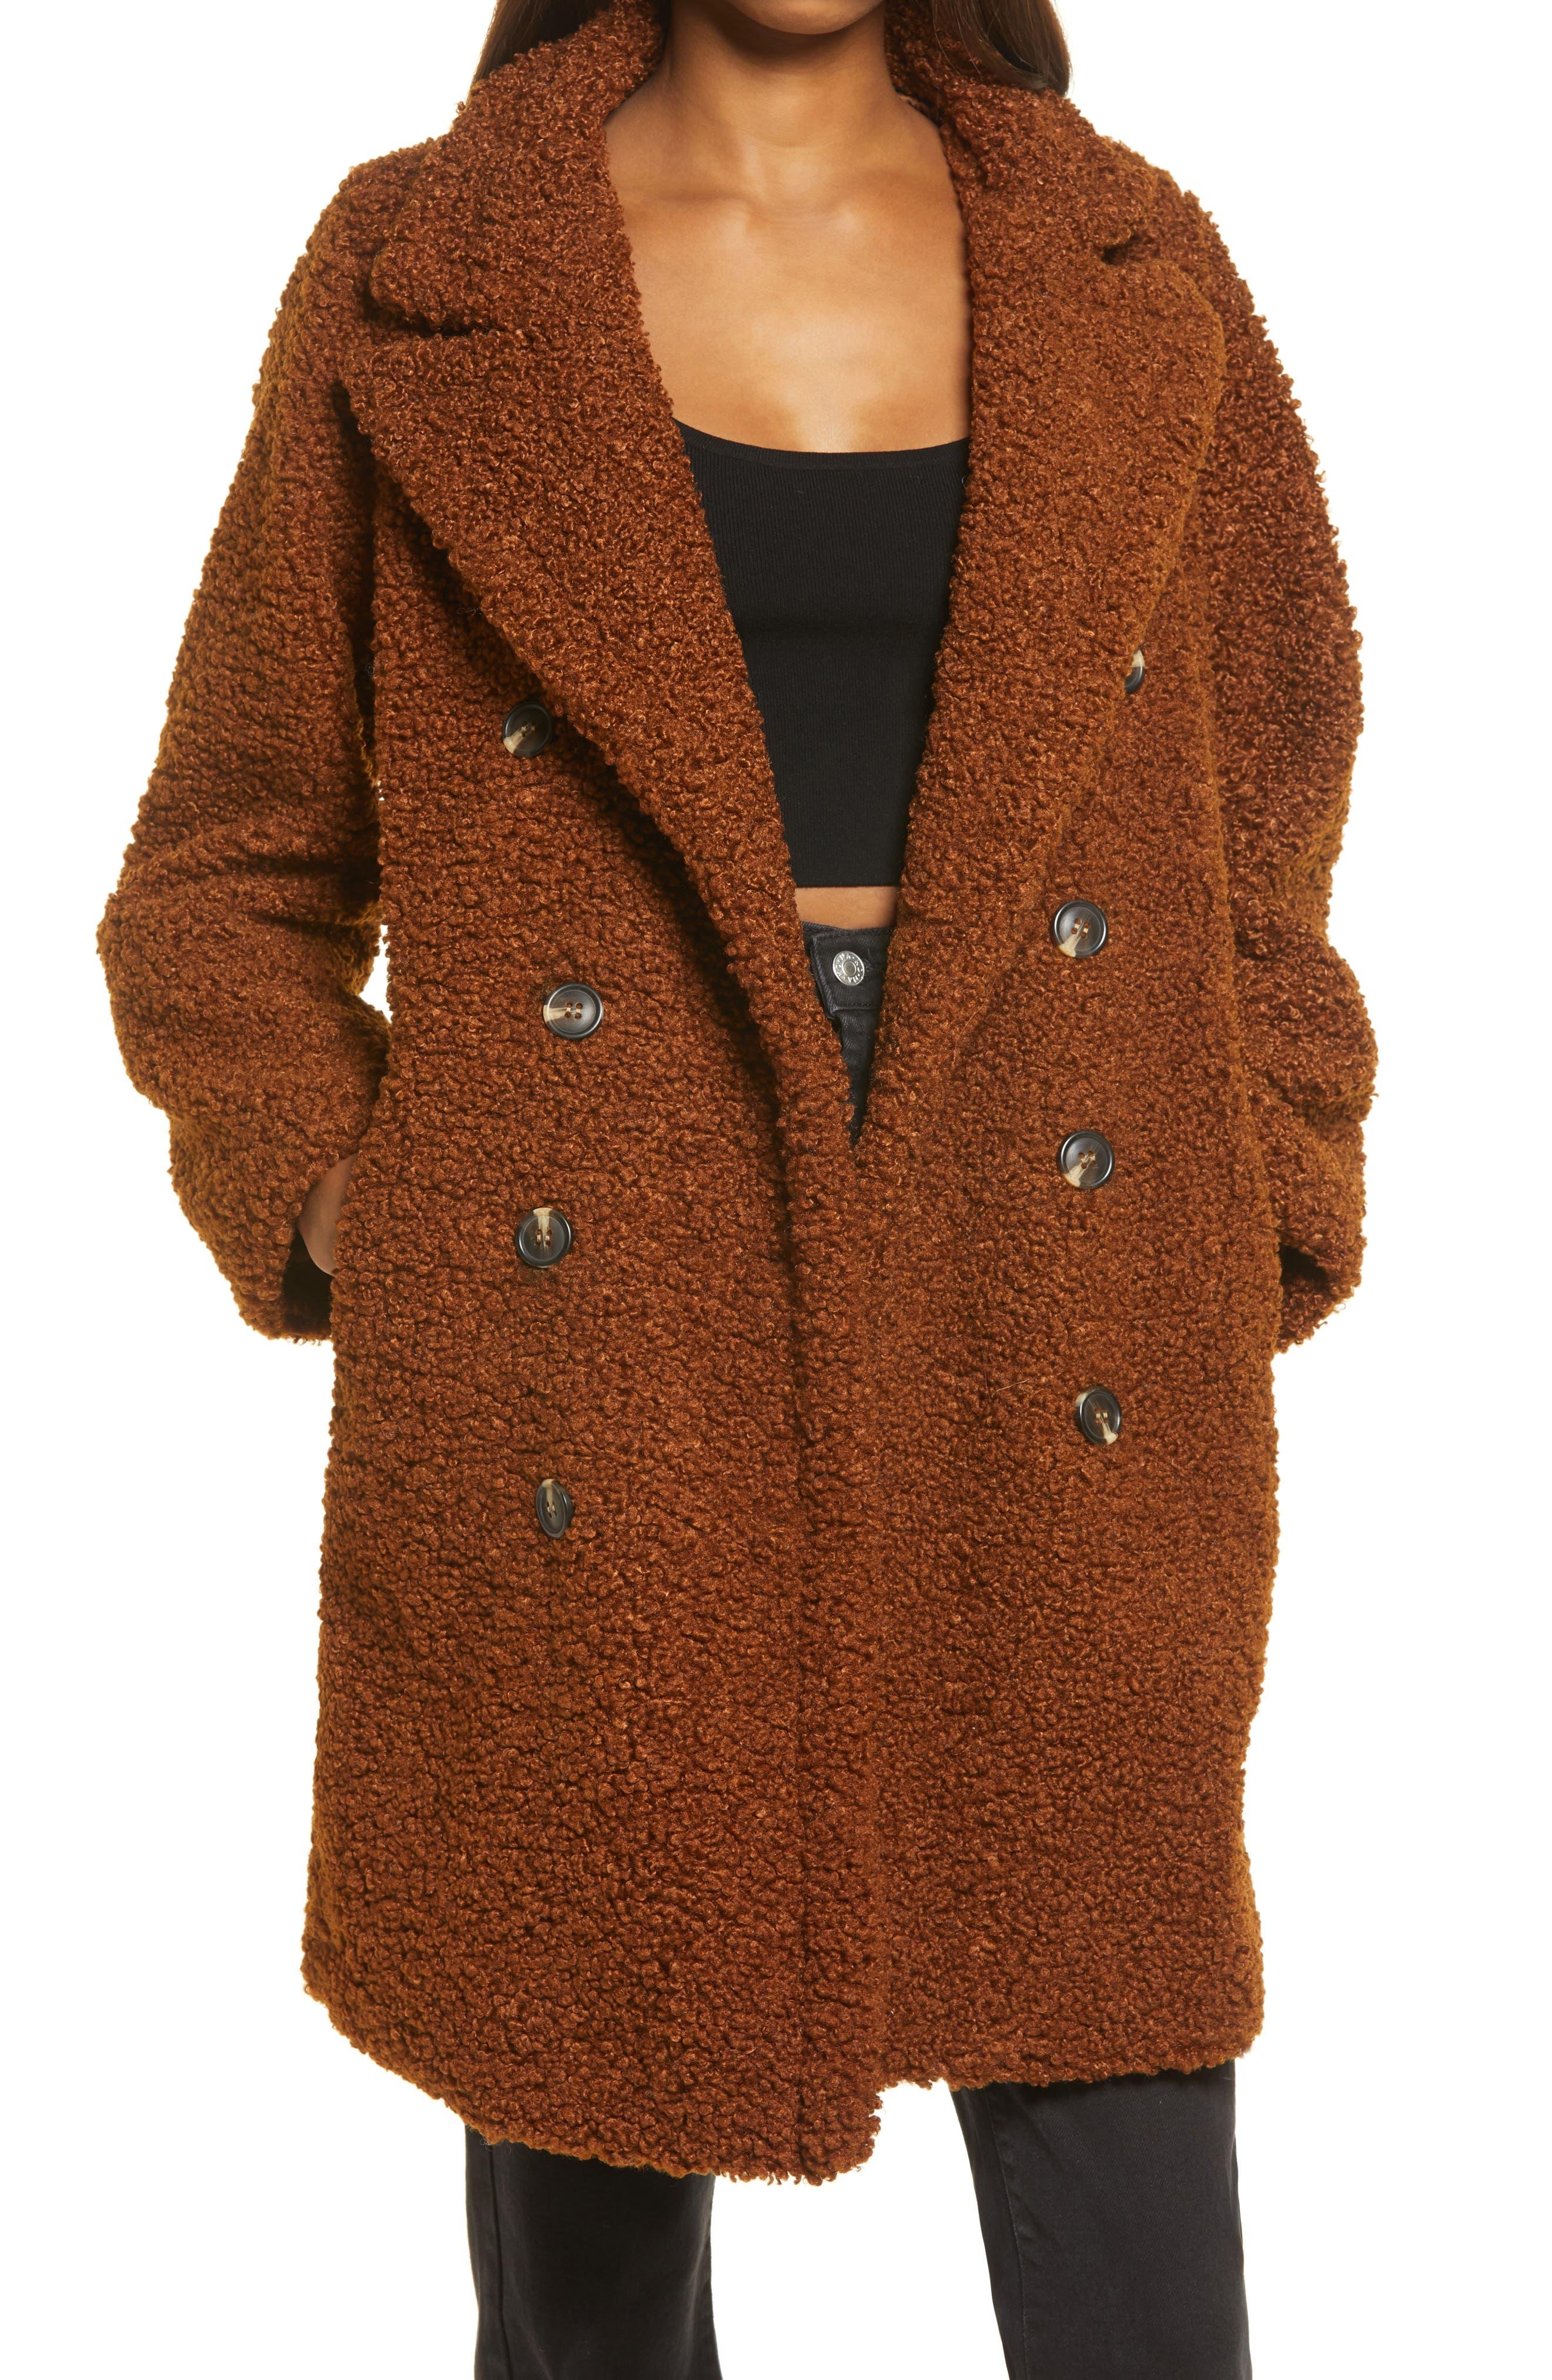 Women's Blanknyc Faux Shearling Jacket, Size Small - Brown